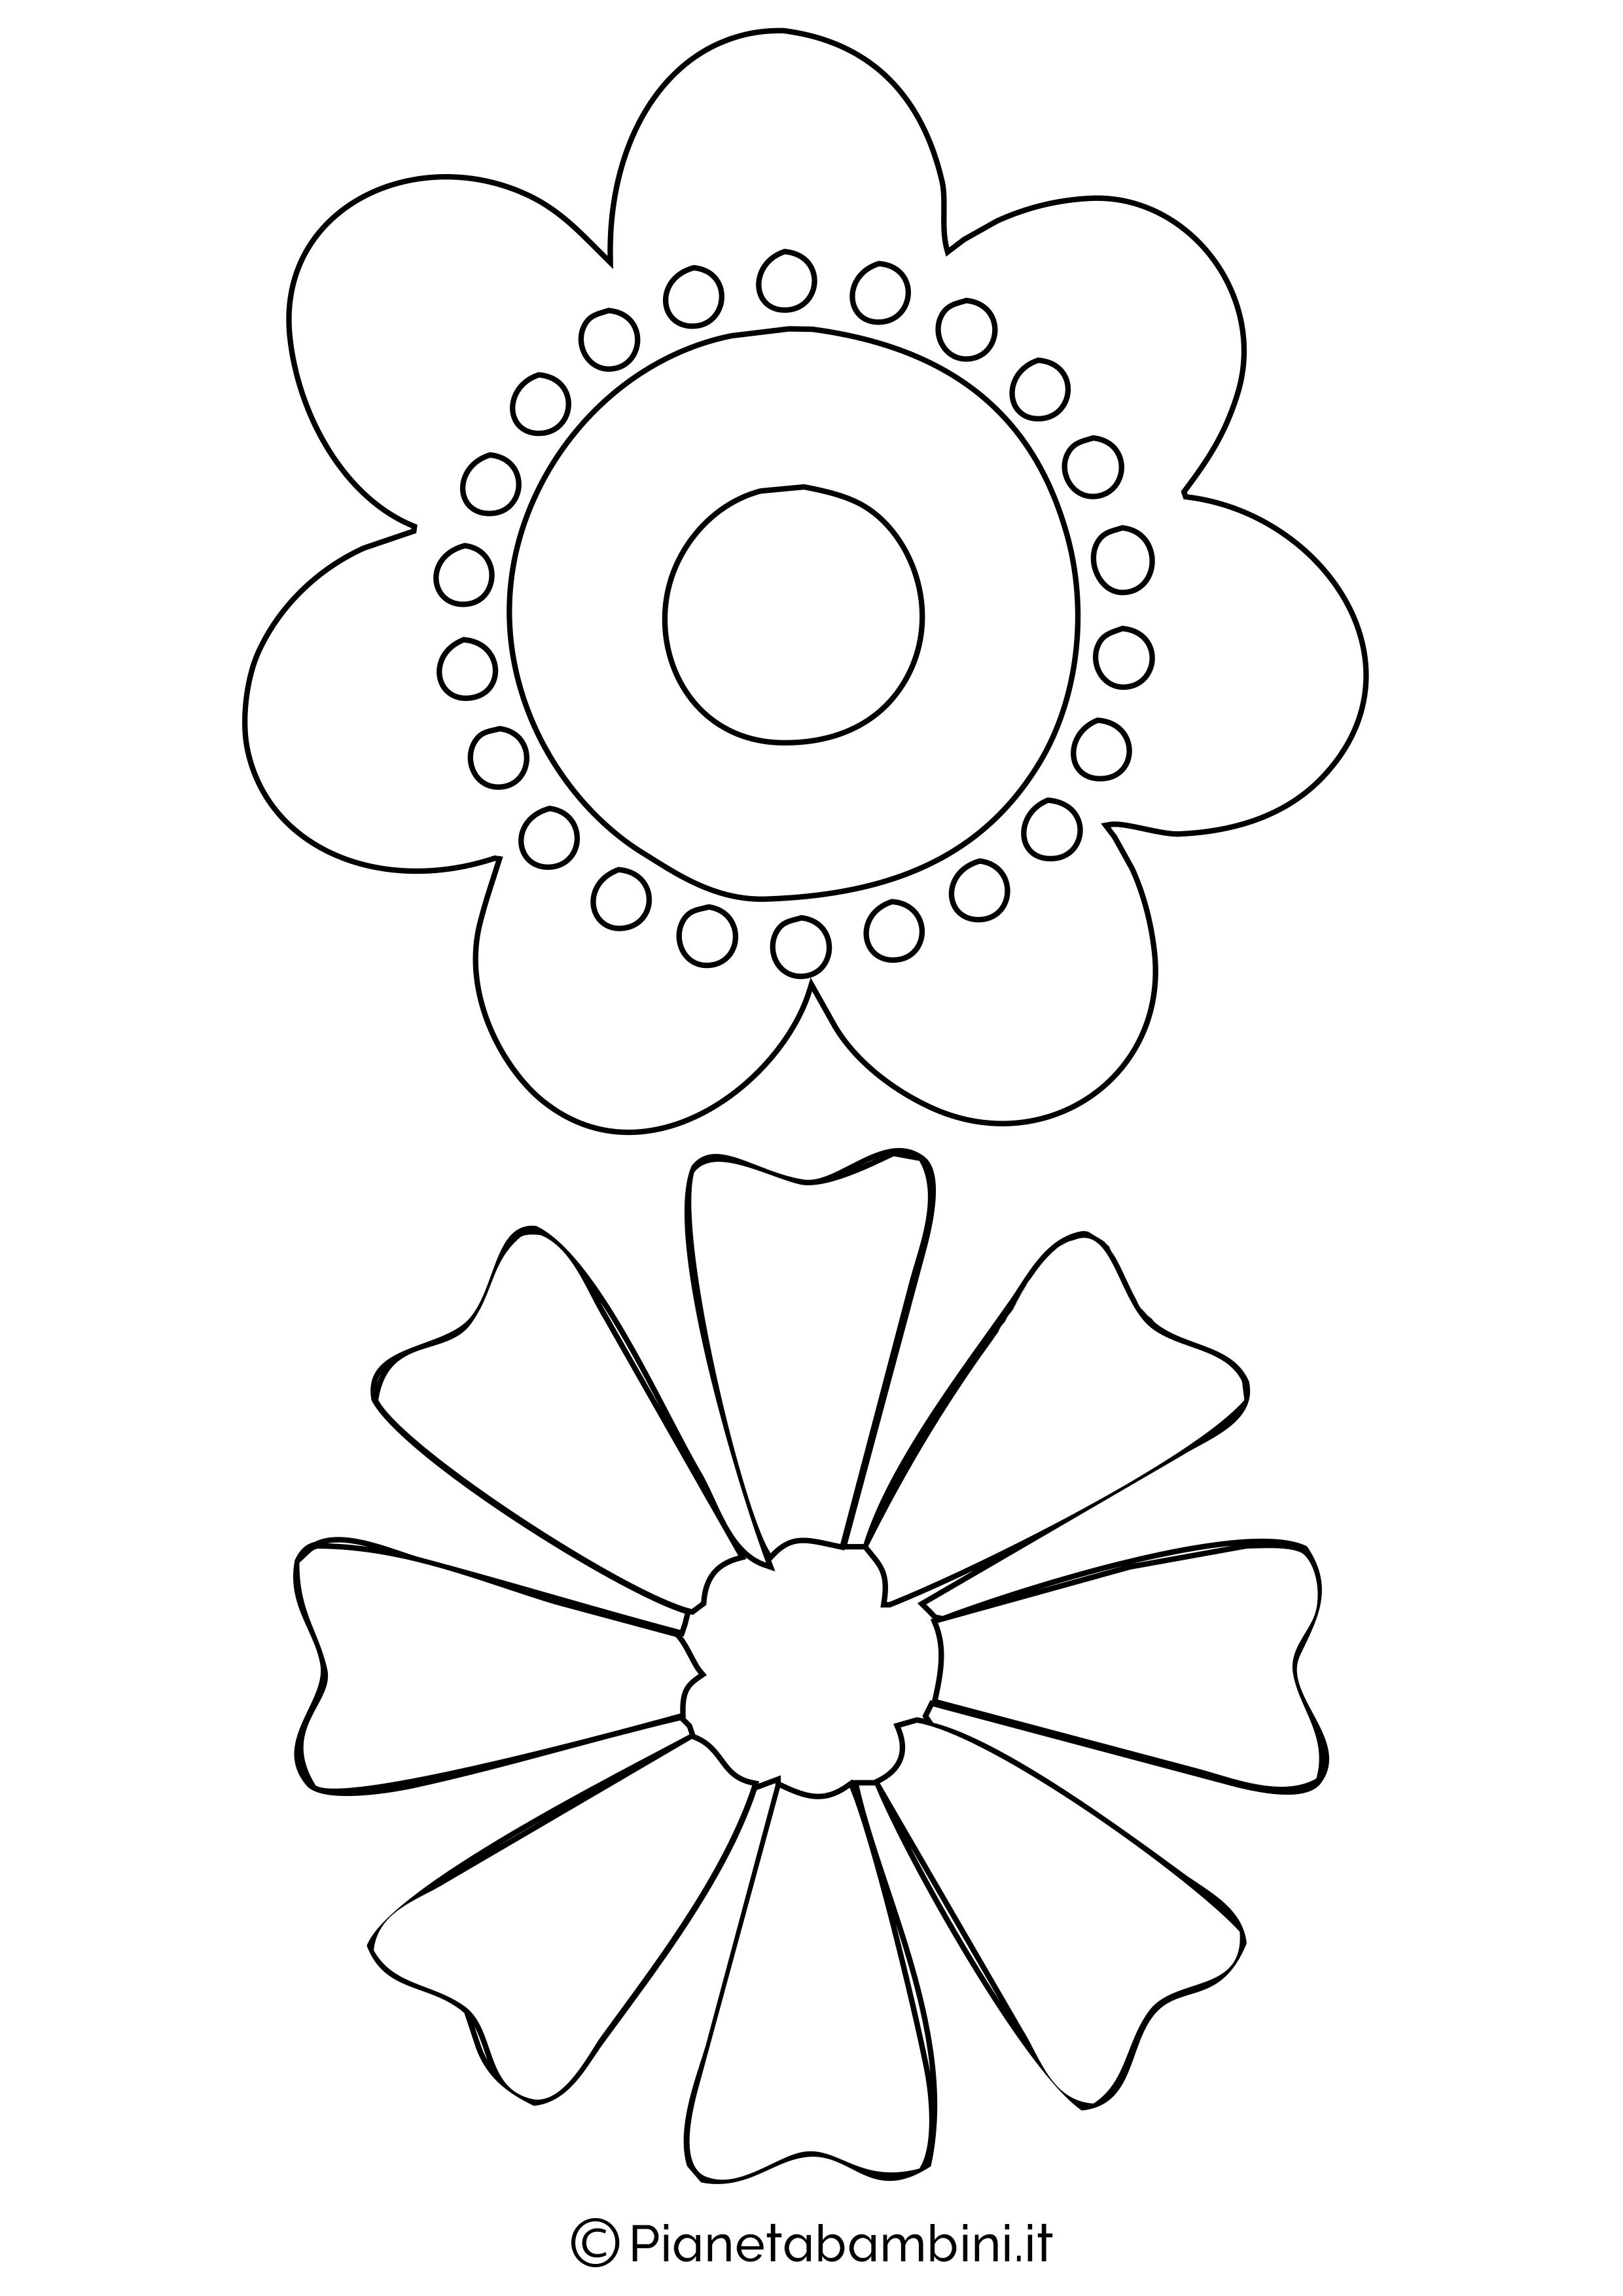 Sagome di fiori da colorare e ritagliare per bambini